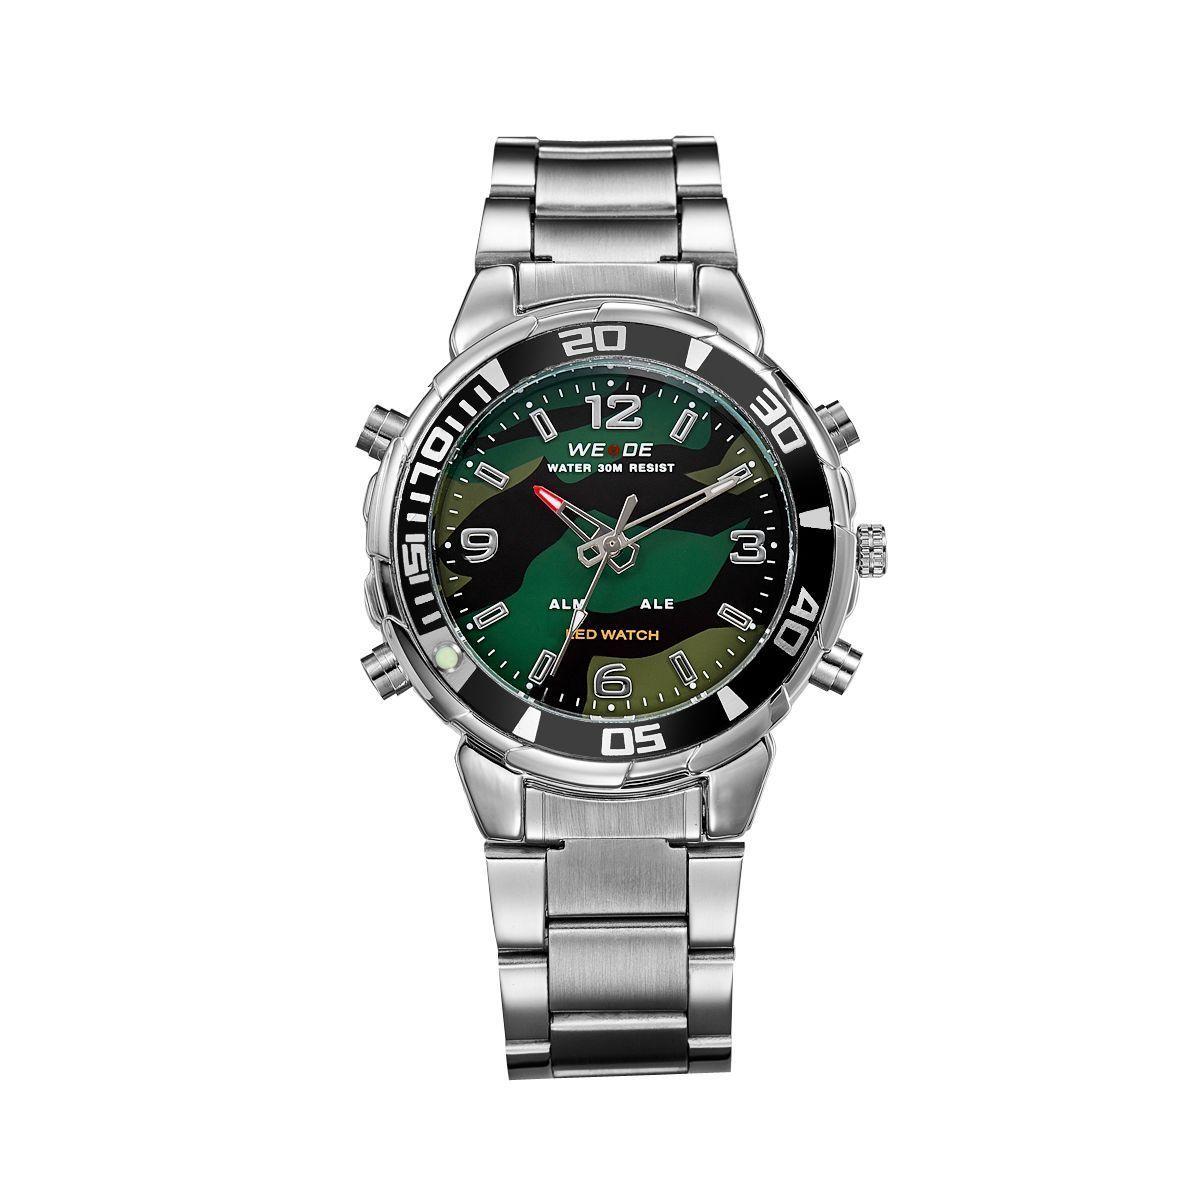 Часы Weide Multicam WH843-4C SS (WH843-4C)